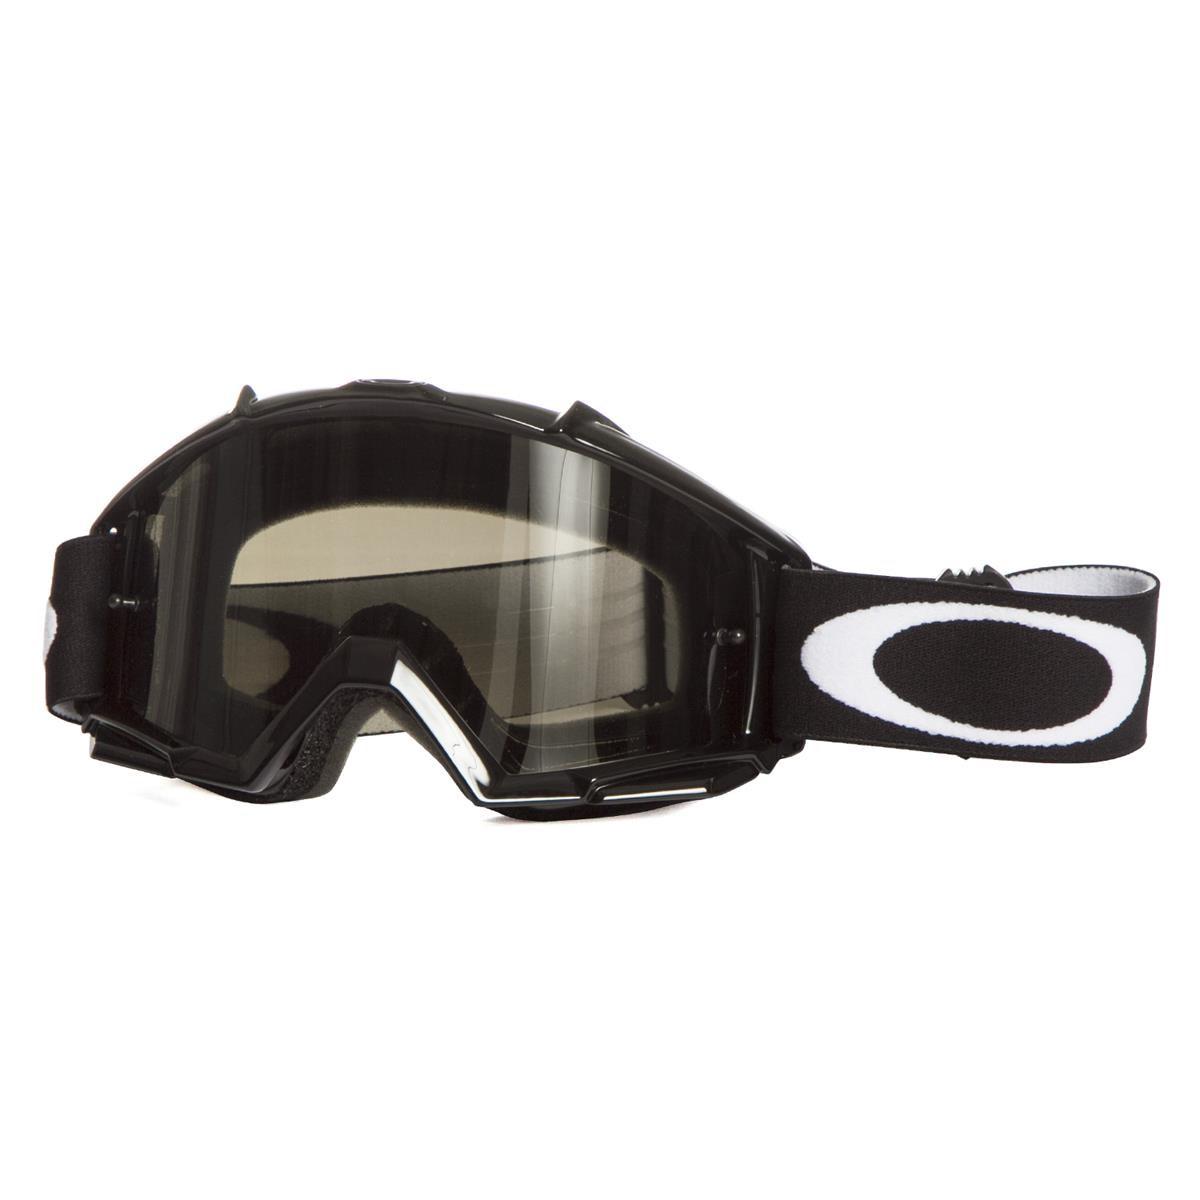 6428ba2a6f3b Oakley Goggle Proven MX H2O Jet Black - Dark Grey 2017